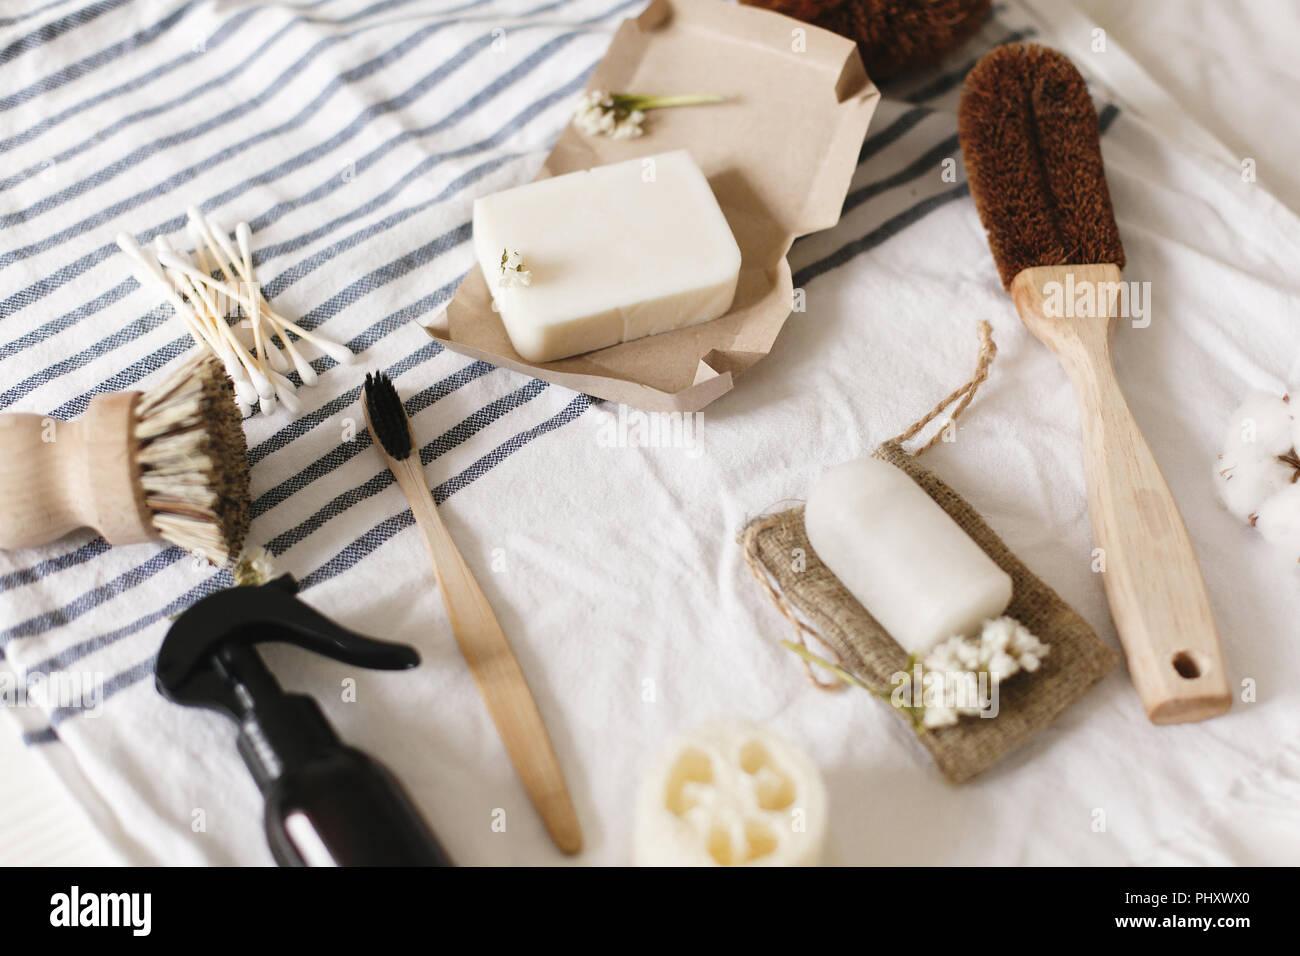 Natürliche eco Luffa, Bambus Zahnbürste, Pinsel, Kokos Seife, handmade Reinigungsmittel und Crystal Deodorant auf dem Handtuch, Badezimmer Essentials. Nachhaltige lifestyl Stockbild